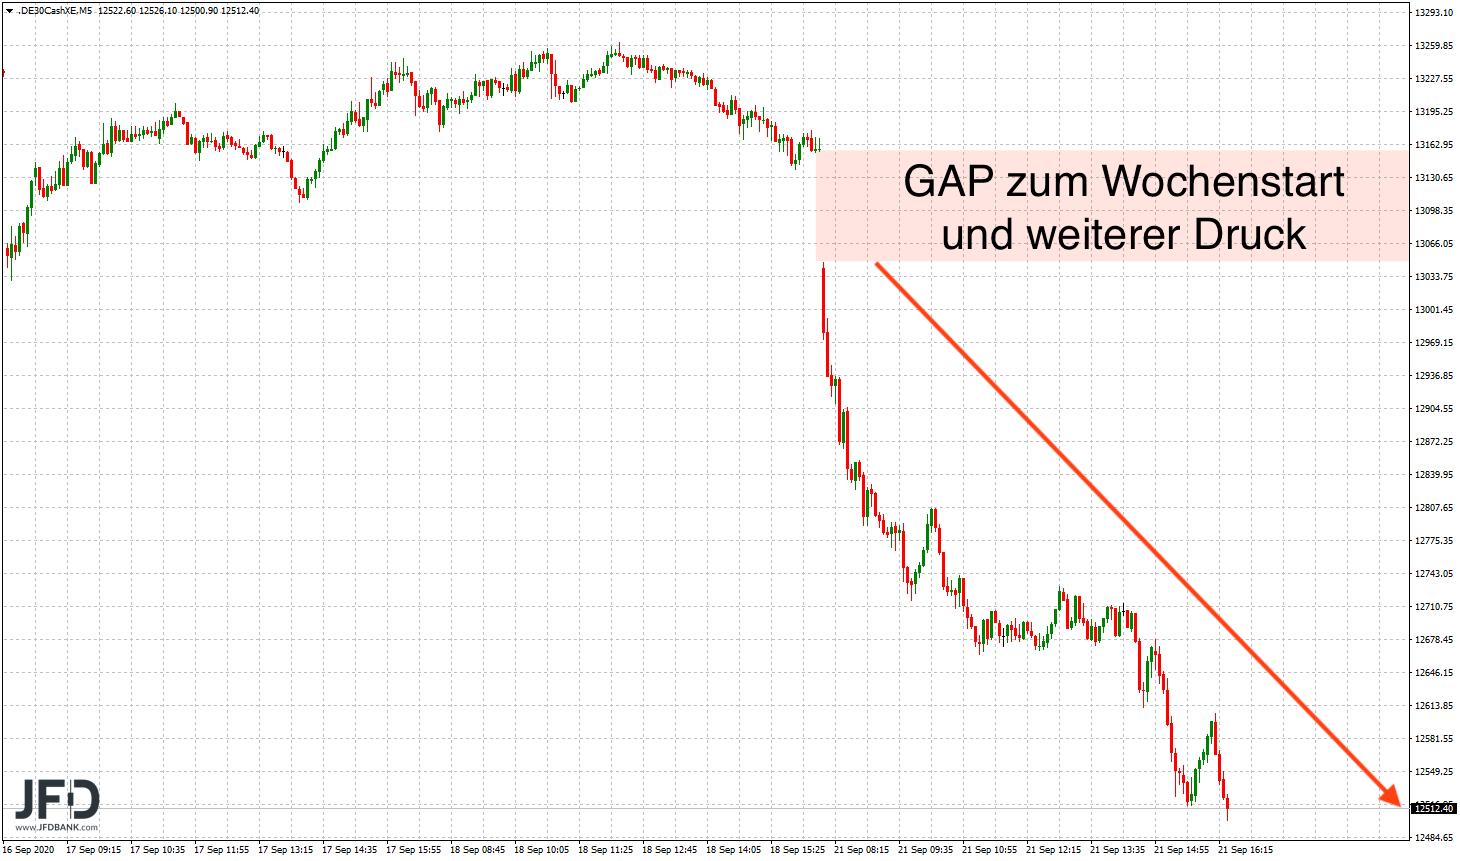 DAX-Verlauf vom Montag mit GAP